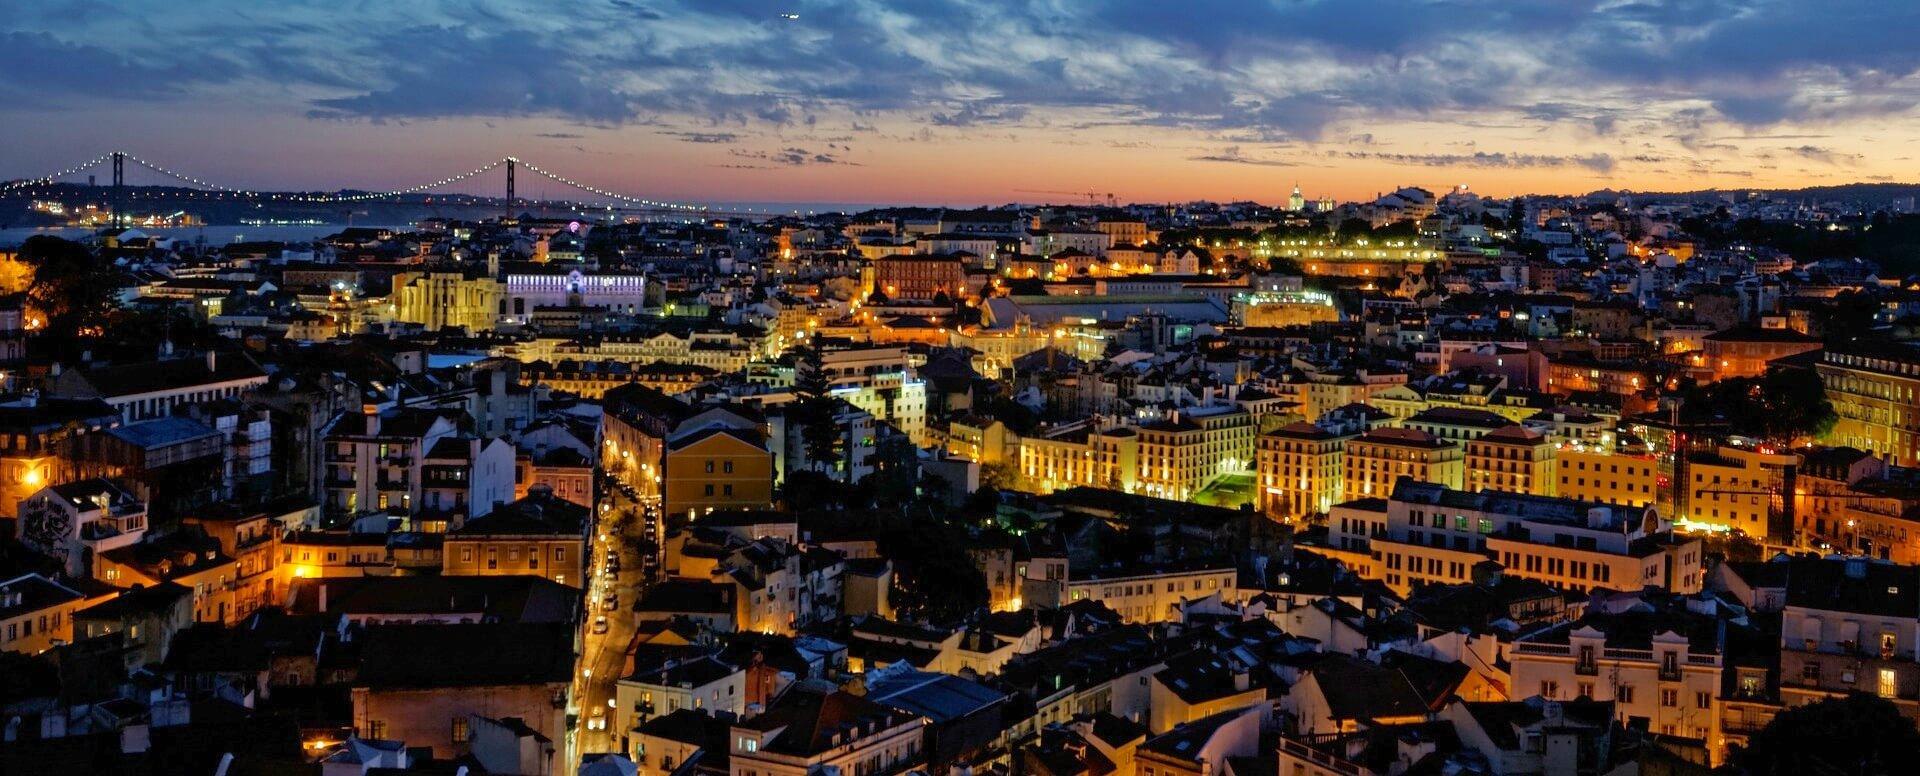 10. Miradouro da Nossa Senhora do Monte - Lisbon